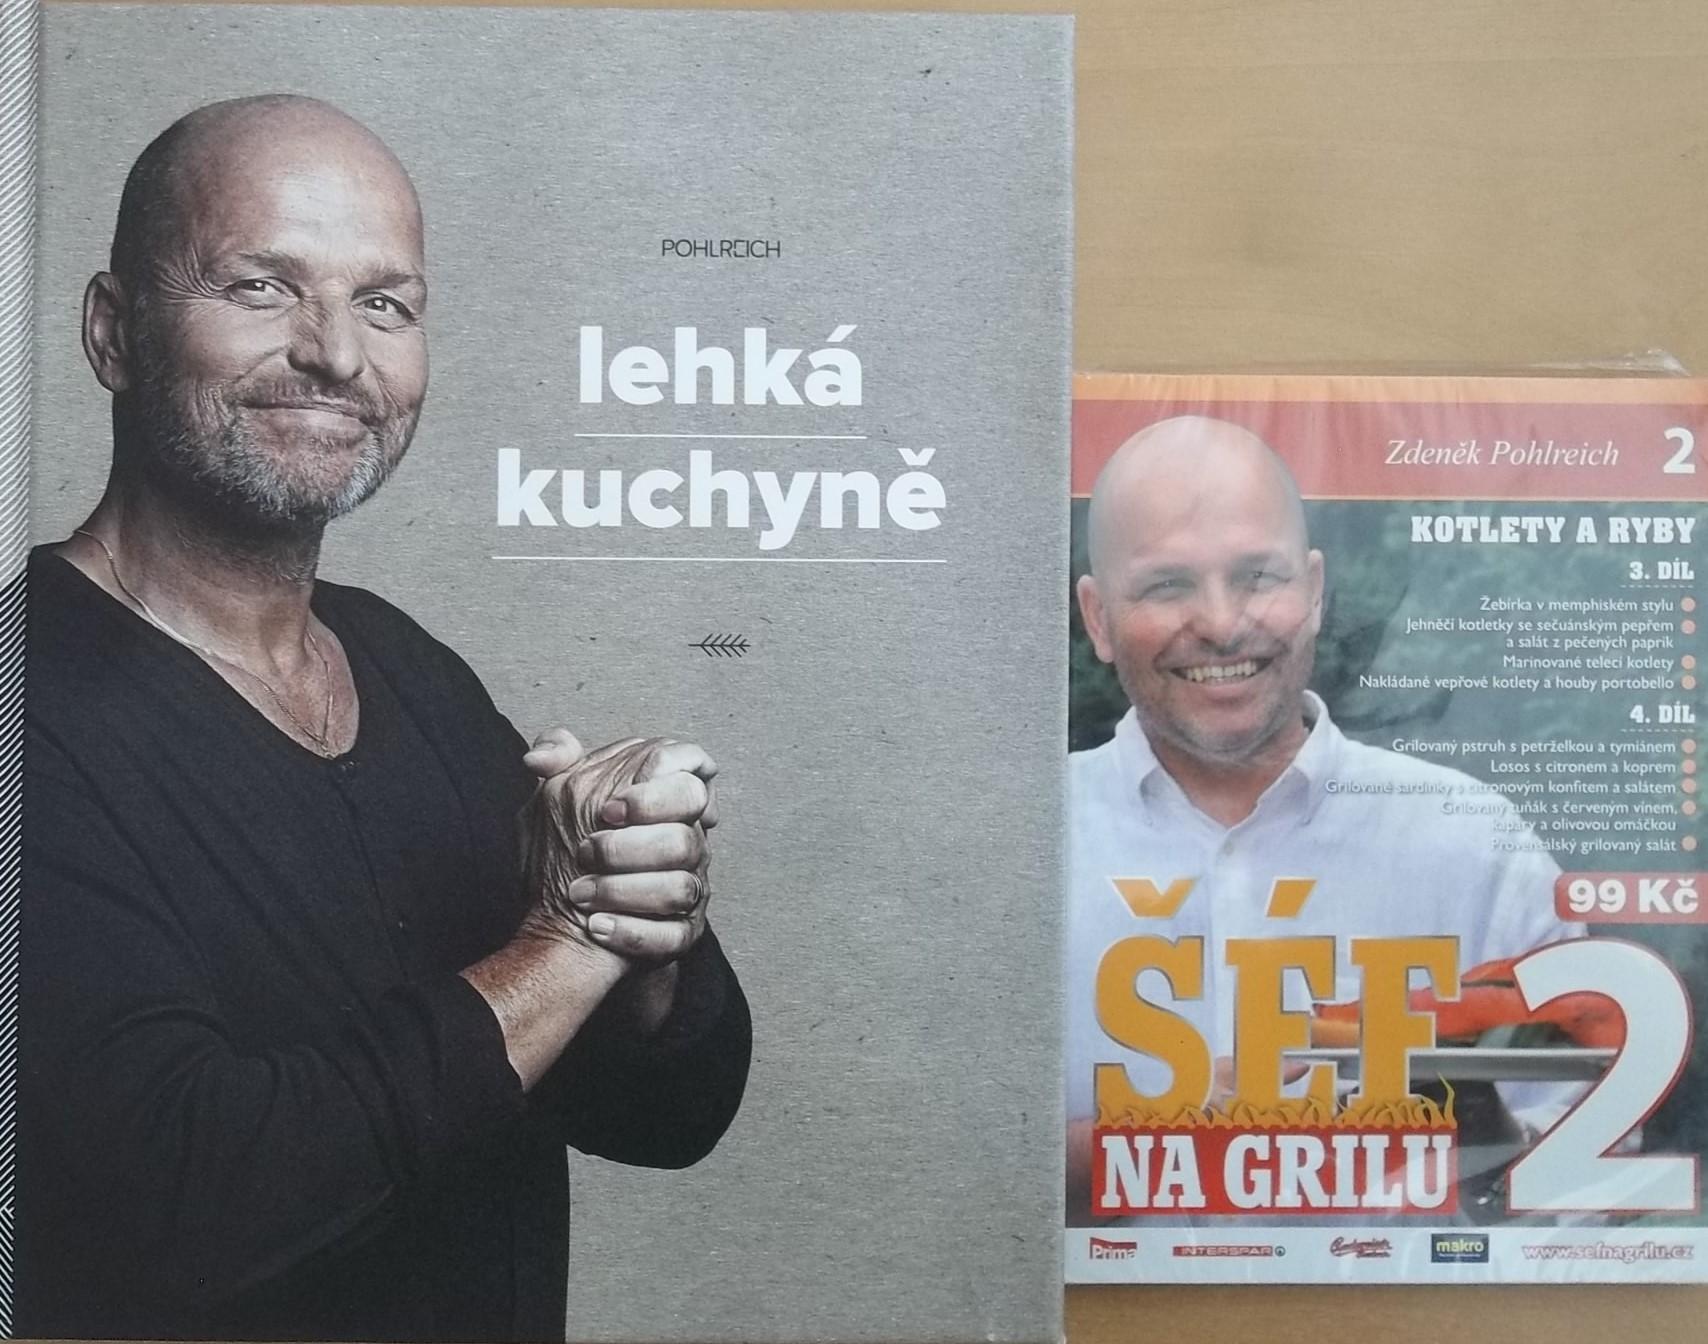 Lehká kuchyně - Pohlreich + DVD DÁREK